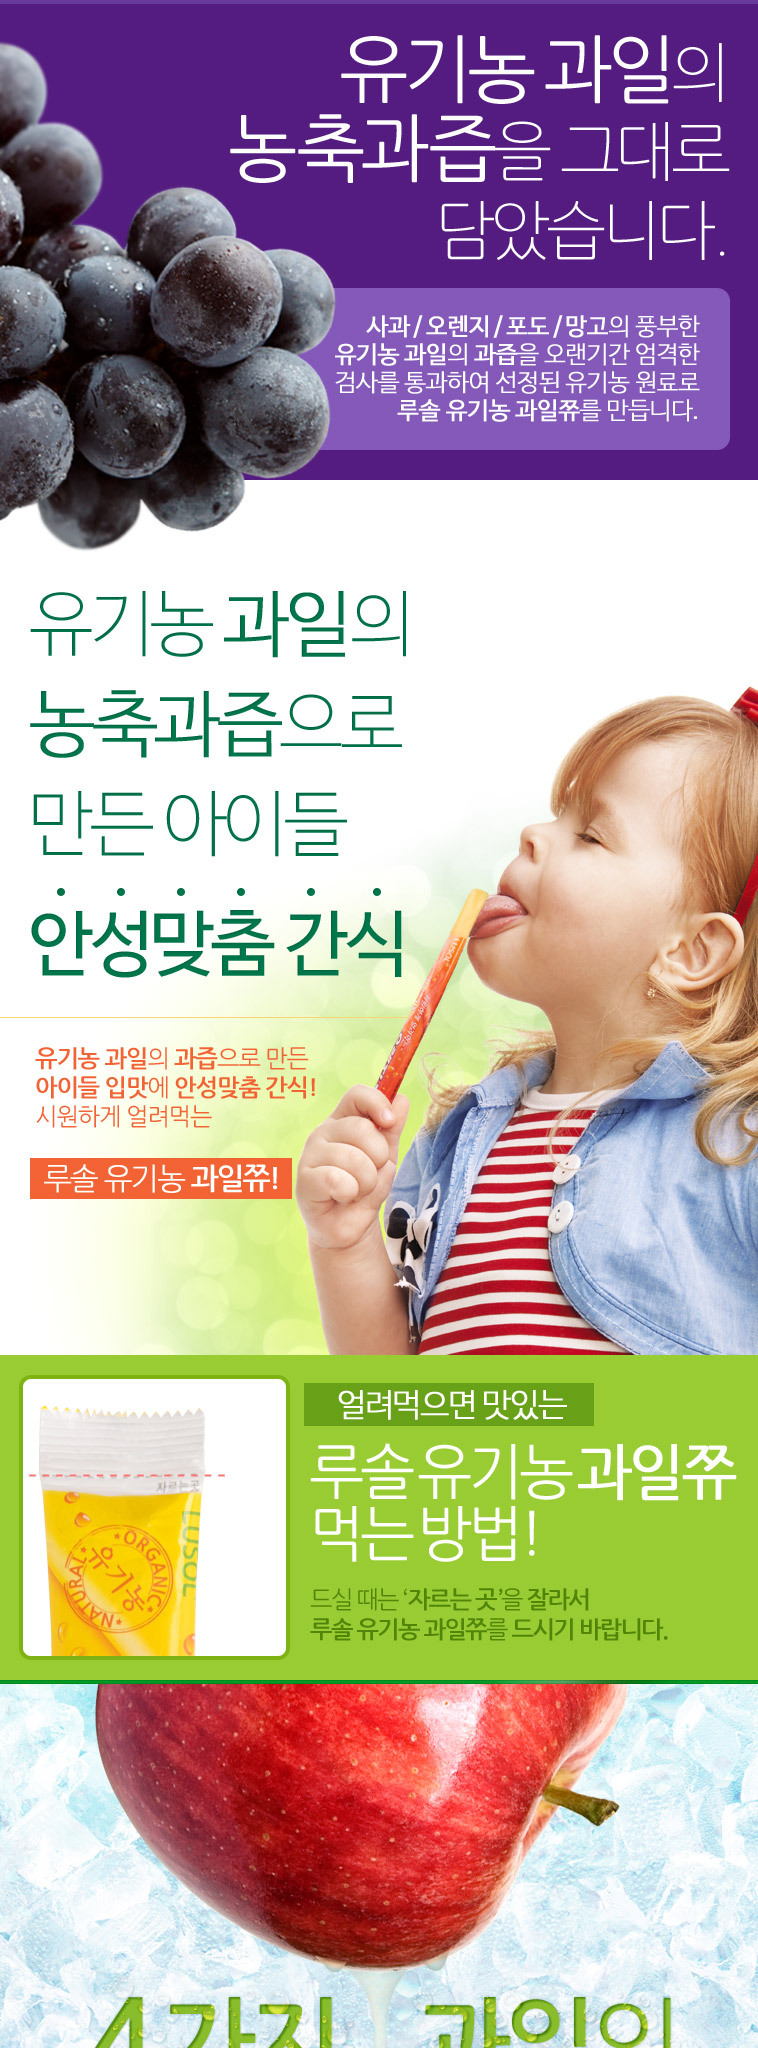 루솔 유기농 얼려먹는 과일쮸 - 상세정보